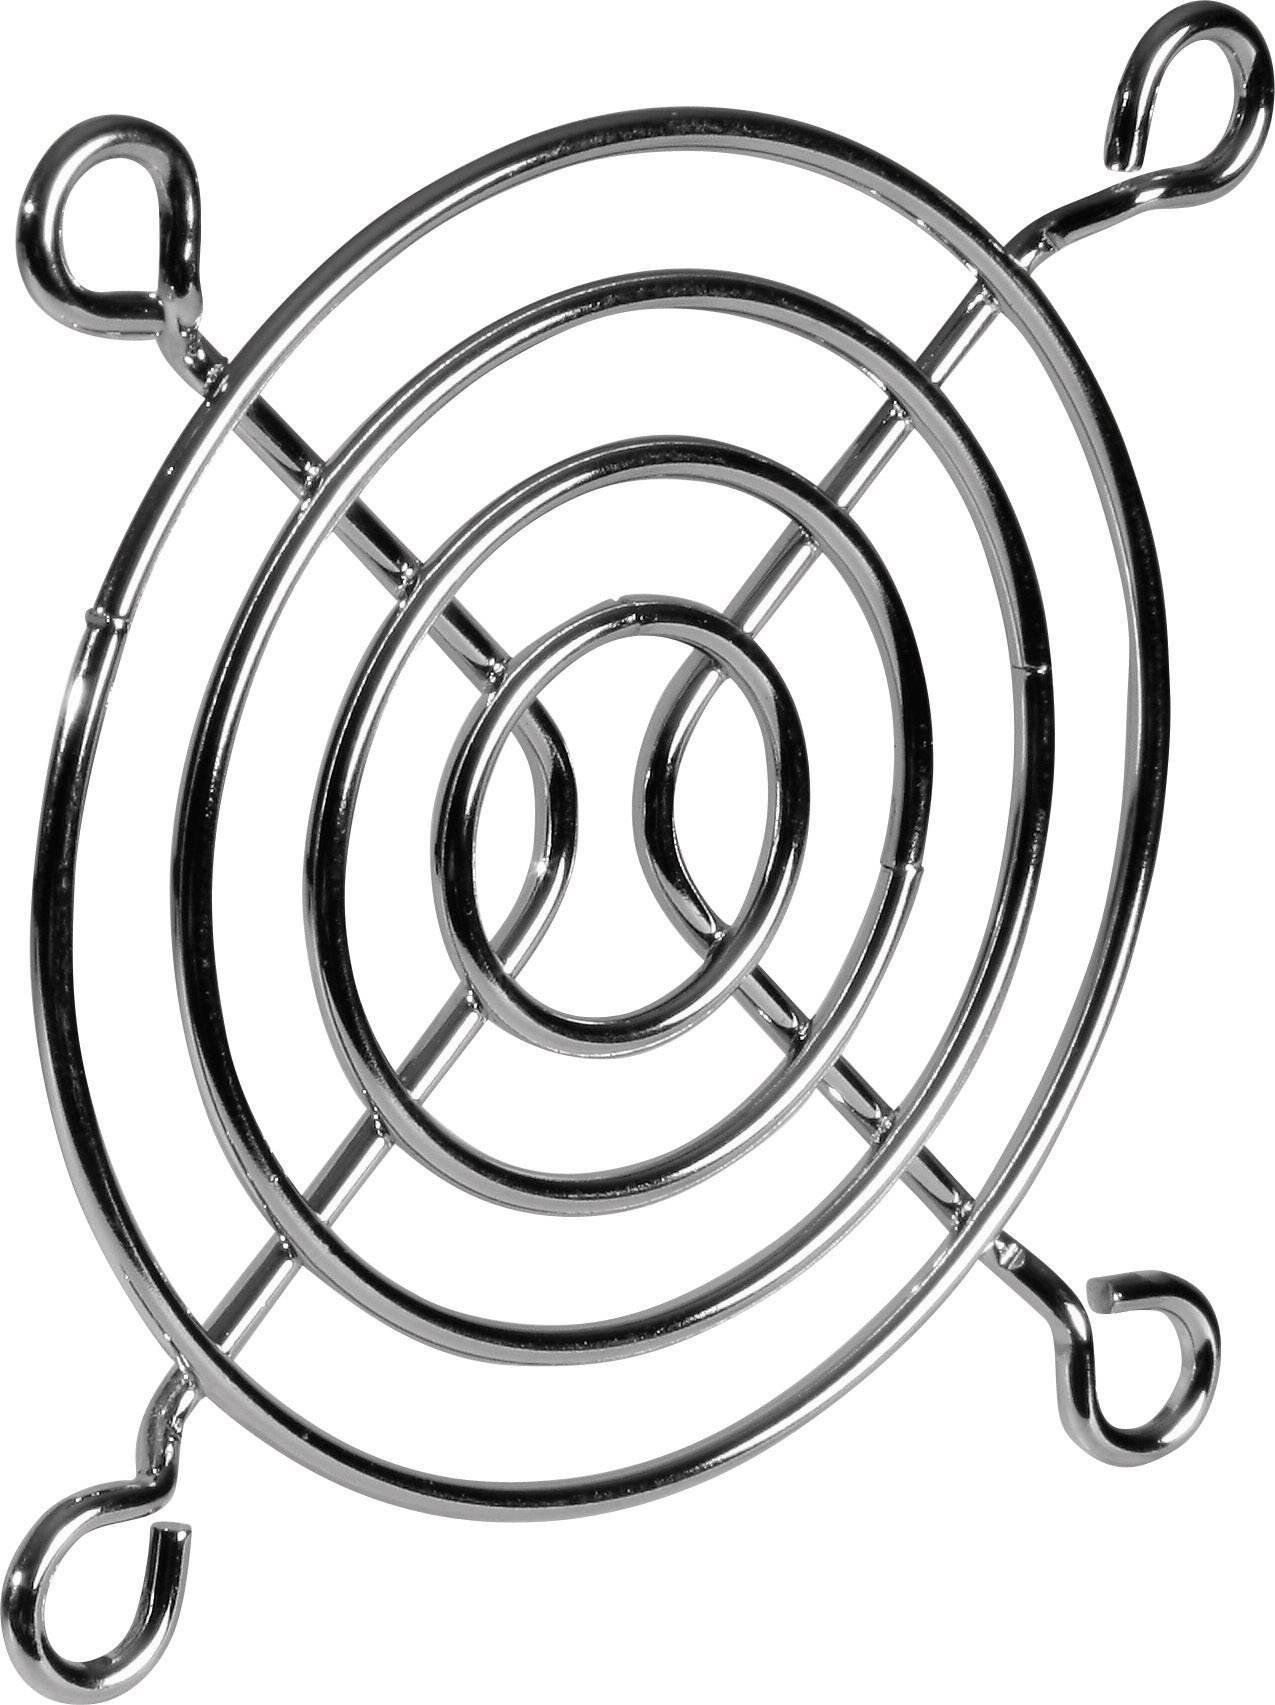 Vetracia mriežka SEPA;911210000, (š x v) 120 mm x 120 mm, 1 ks, oceľ, pochrómovaný